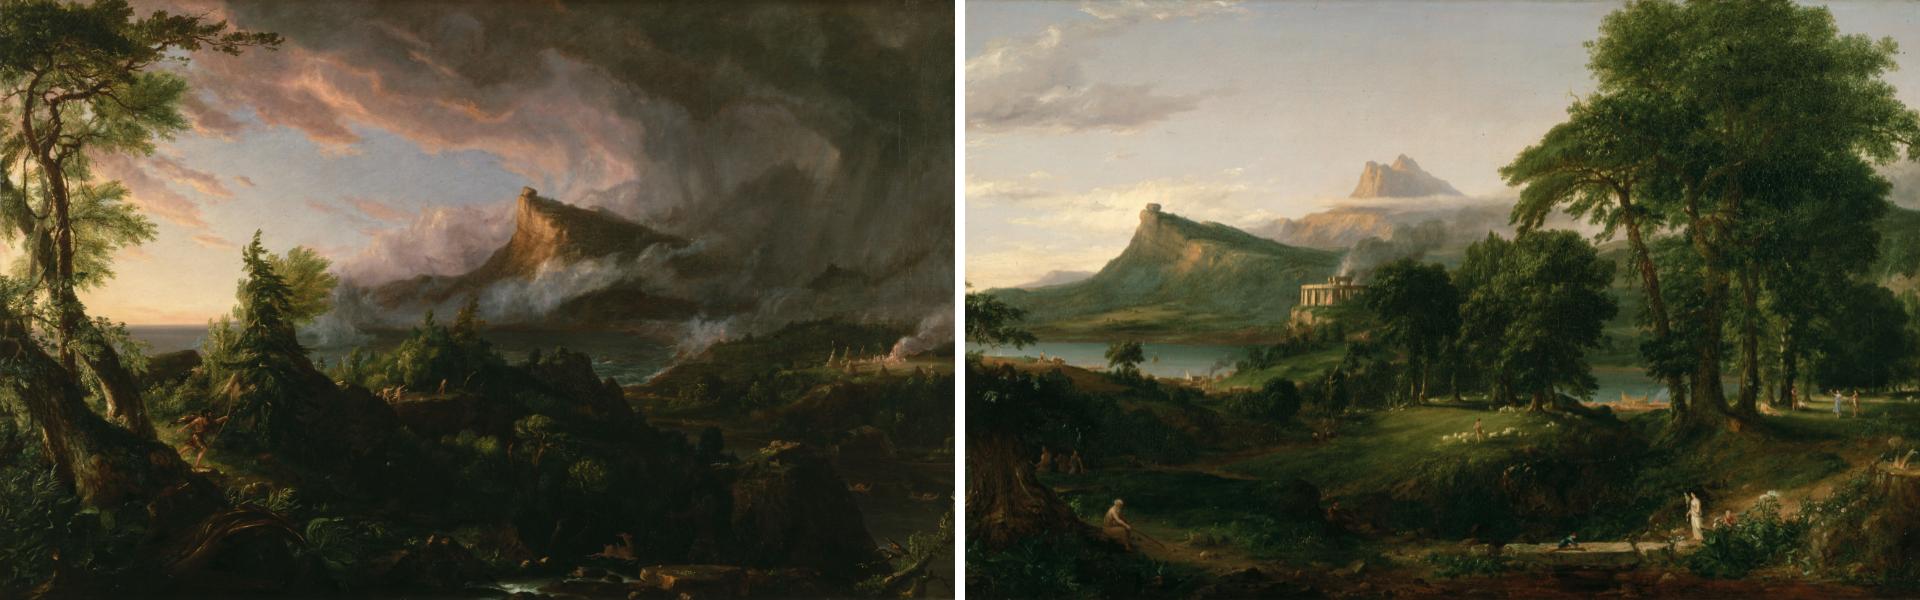 """""""El estado primitivo"""" y """"El estado arcaico"""" de Thomas Cole"""